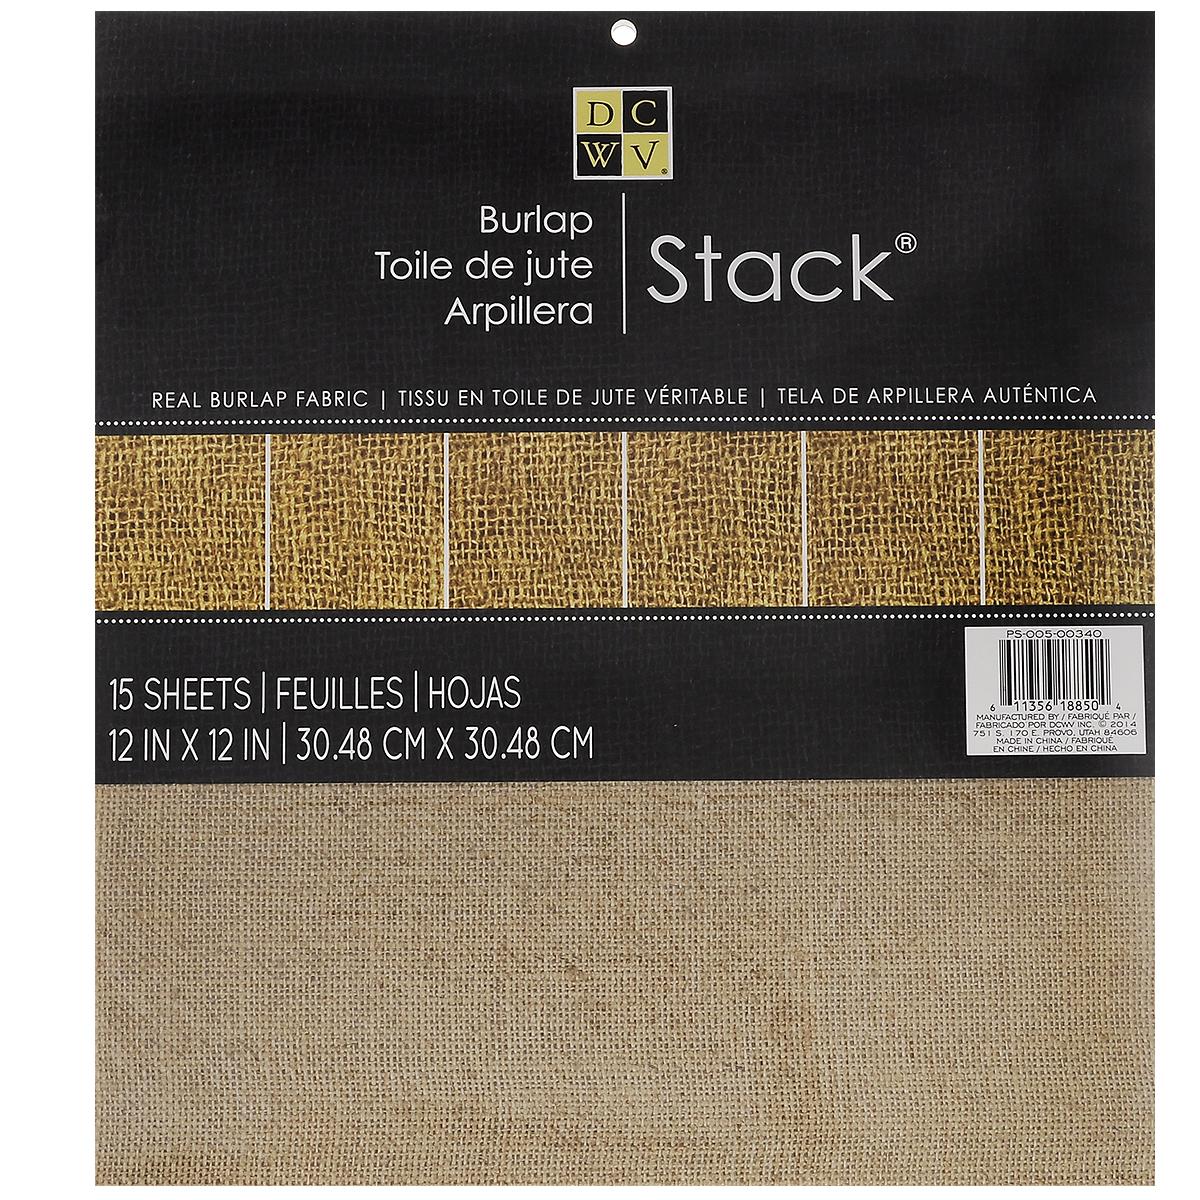 Набор из джутовой бумаги Burlap Stack, 15 листовPS-005-00340Набор из джутовой бумаги Burlap Stack позволит создавать всевозможные аппликации и поделки, эксклюзивно упаковать подарки, оформить витрины, букеты и цветочные композиции, подойдет, как элемент в скрапбукинге. Набор состоит из однотонной бумаги, цвета мешковины. Джут - волокно, добываемое из растения джут, а также грубая ткань из этого волокна. Создание поделок из джутовой бумаги поможет ребенку развить творческие способности, кроме того, это увлекательный досуг для детей и взрослых. Скрапбукинг - это хобби, которое способно приносить массу приятных эмоций не только человеку, который занимается скрапбукингом, но и его близким, друзьям, родным. Это невероятно увлекательное занятие, которое поможет вам сохранить наиболее памятные и яркие моменты вашей жизни для вас и даже ваших потомков. В набор входит 15 листов. Размер листа: 30,4 см х 30,4 см.